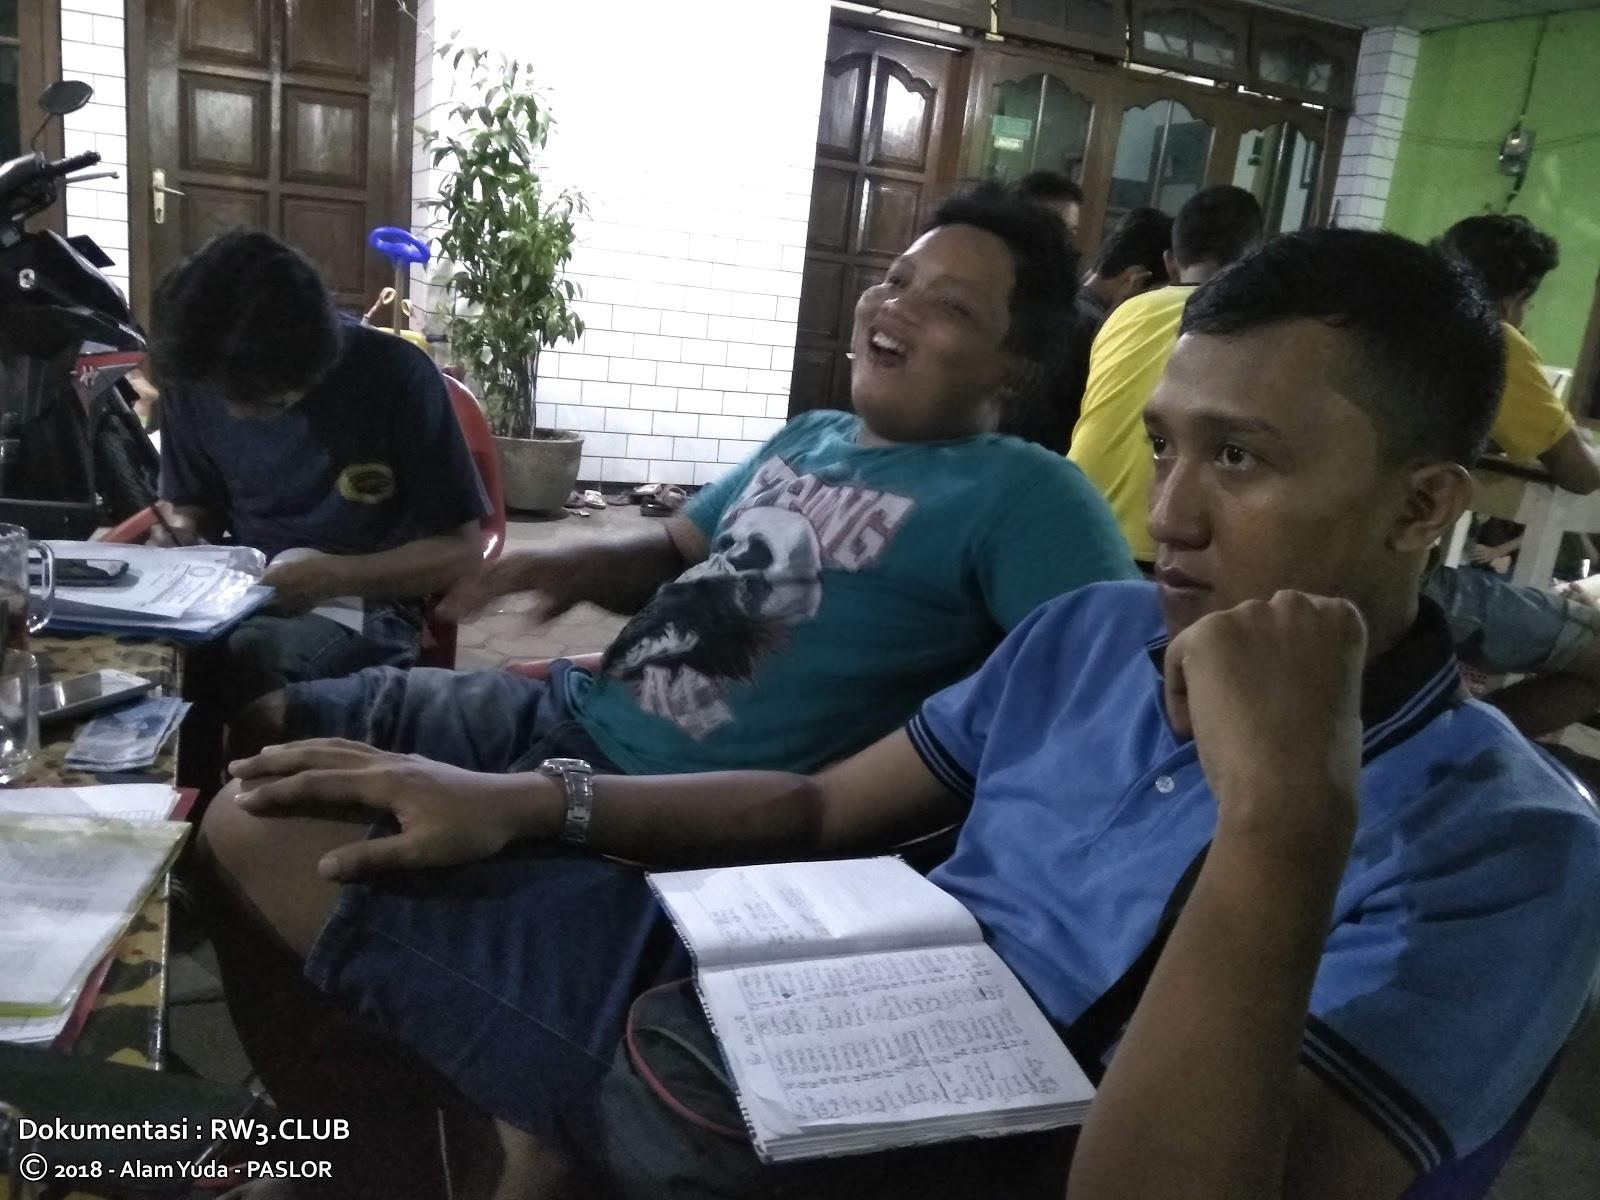 Raditya Nugraha, Imam Sofyan, Saiful Annas - Pengurus Komunitas Pemuda-Pemudi RW-3 NgoPi di Angkringan